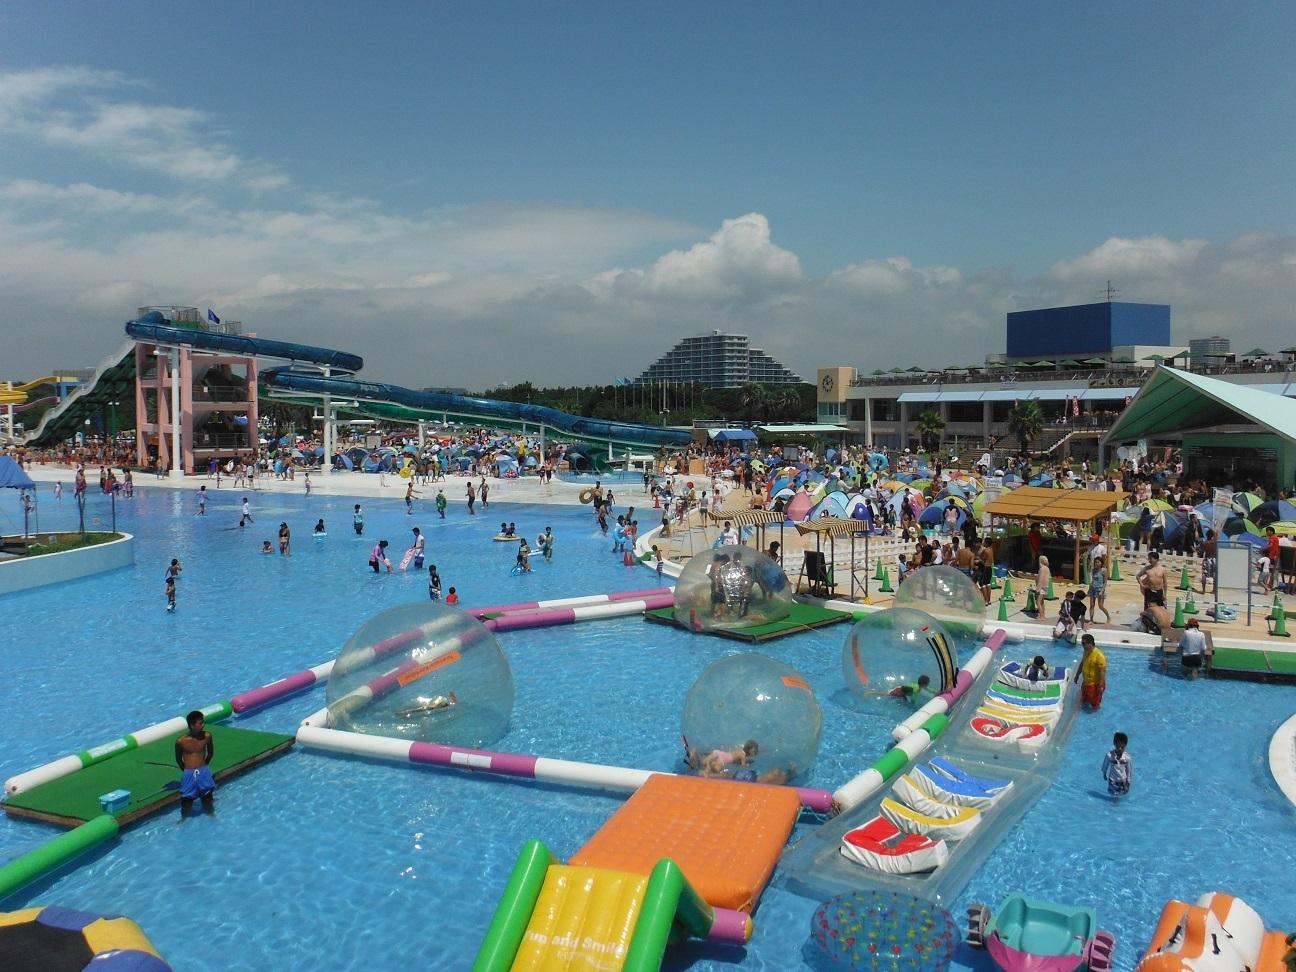 千葉県内の激アツなプールその1稲毛海浜公園プールのアクティビティ